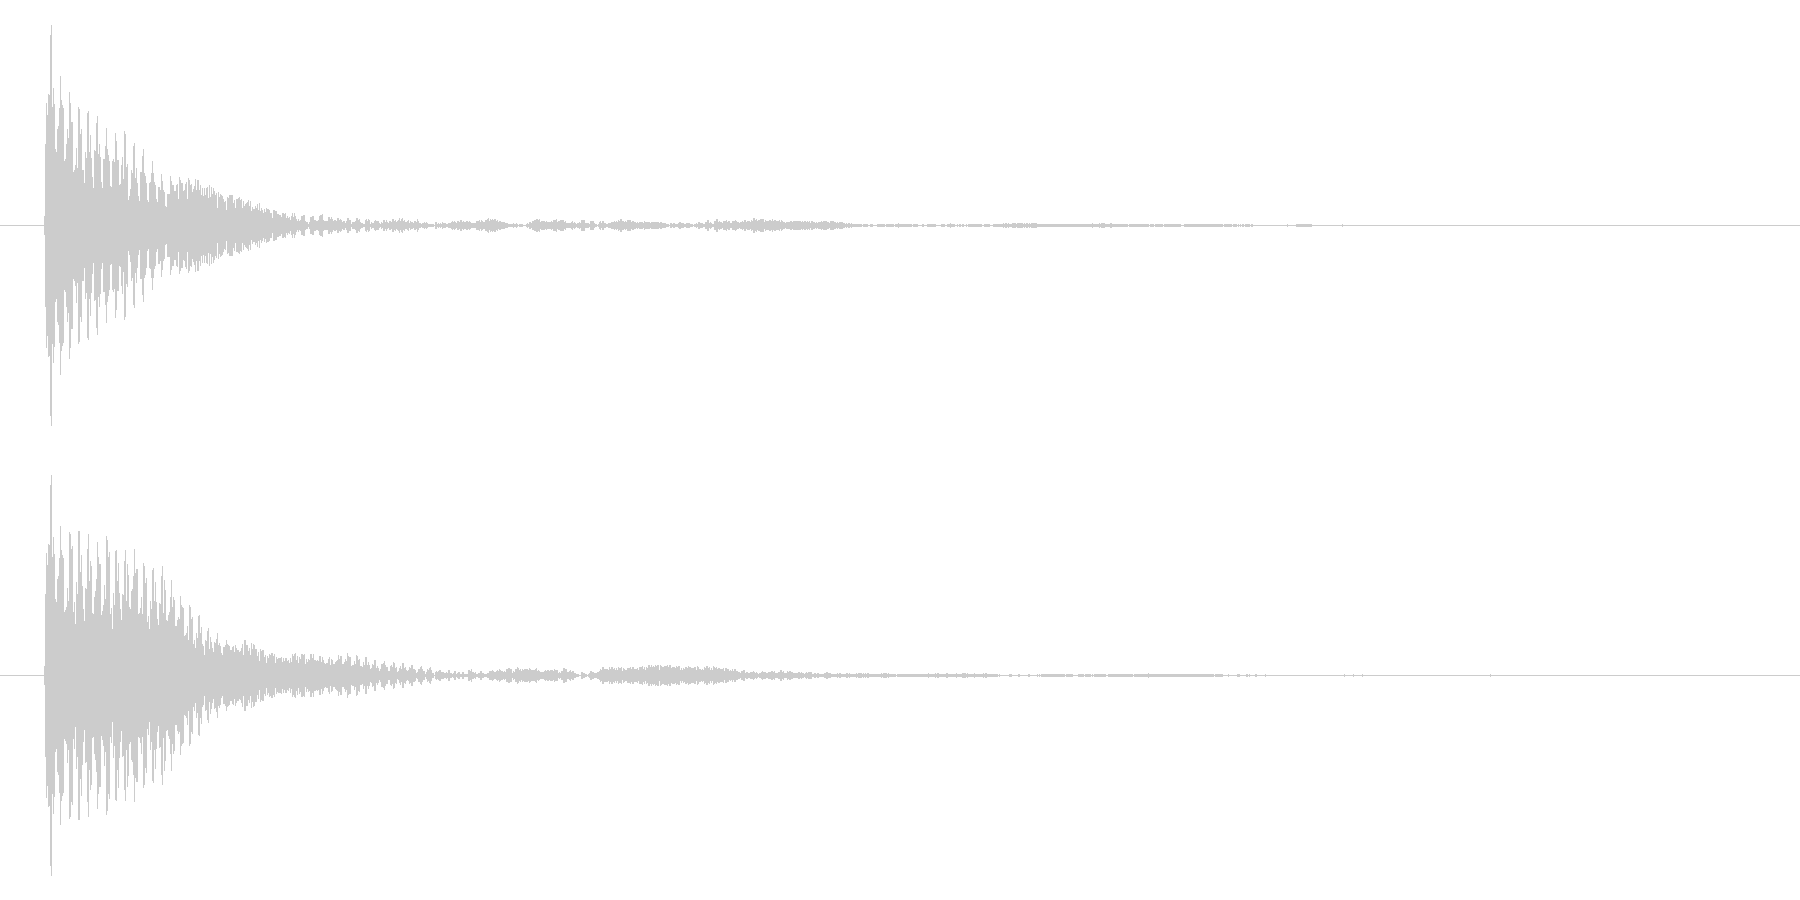 ポン カーソル音 タップ音 E-05_の未再生の波形